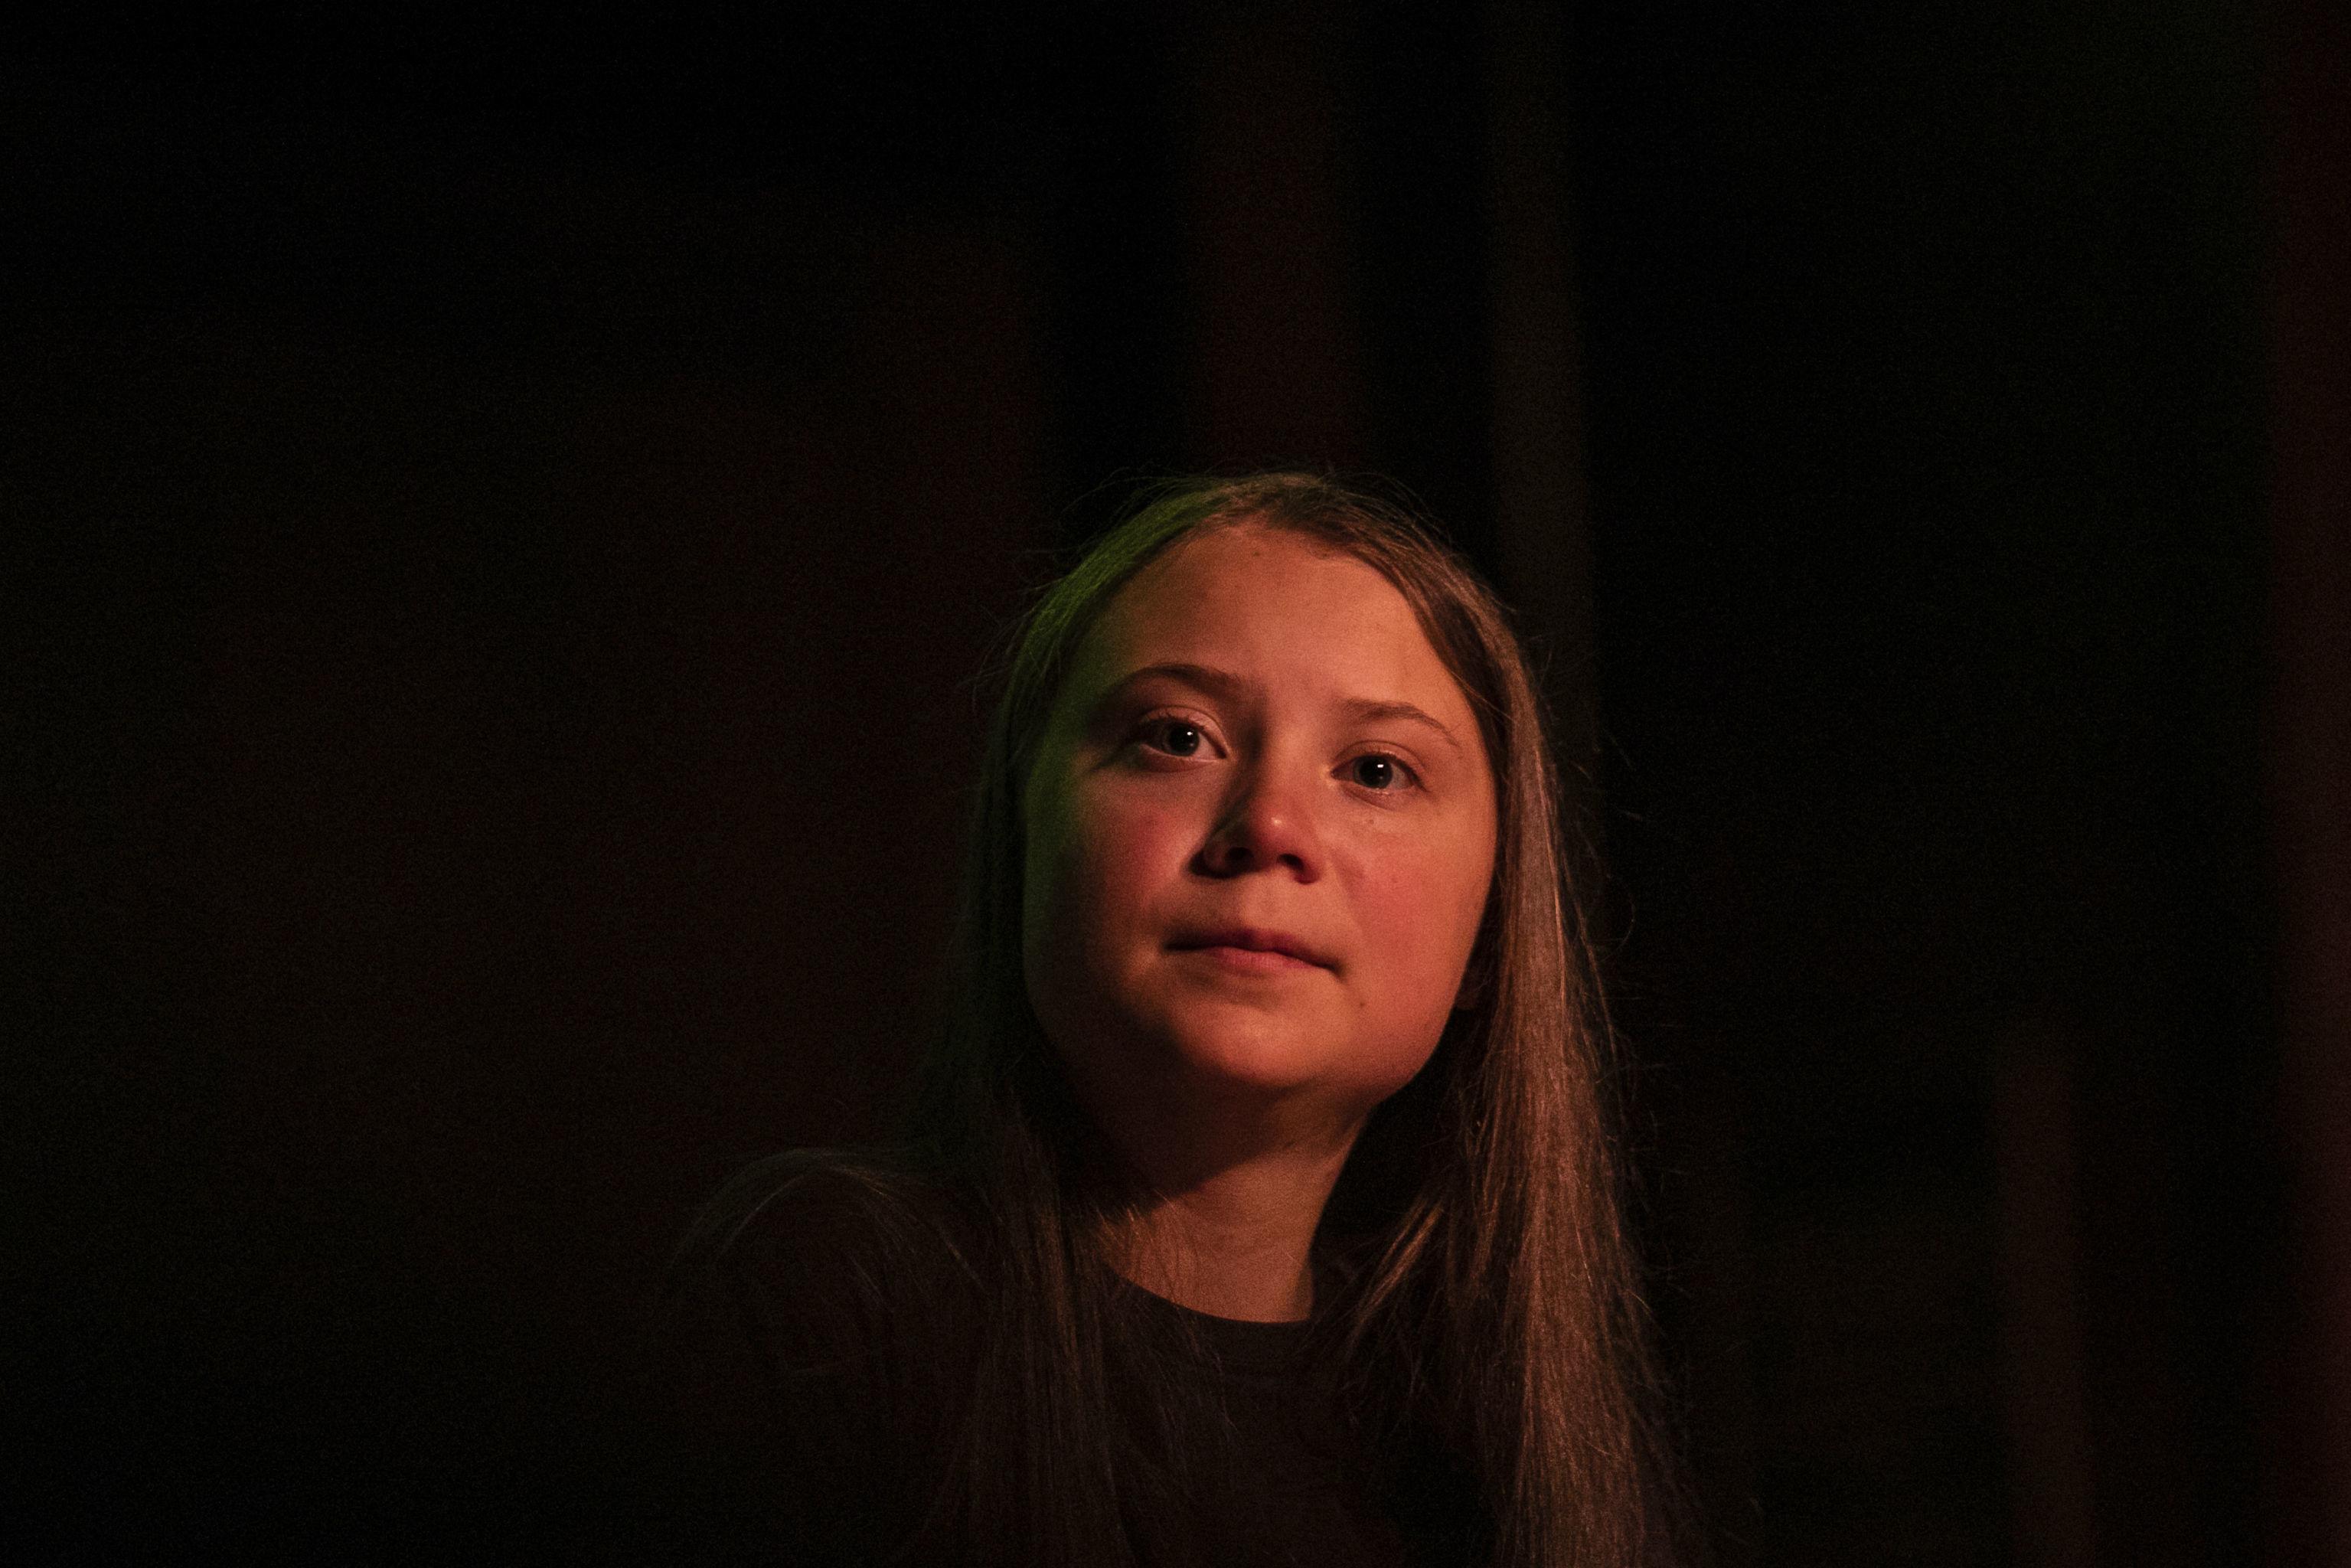 Greta Thunberg faz uma pausa durante discurso na Society for Ethical Culture, Nova York, 9 de setembro de 2019